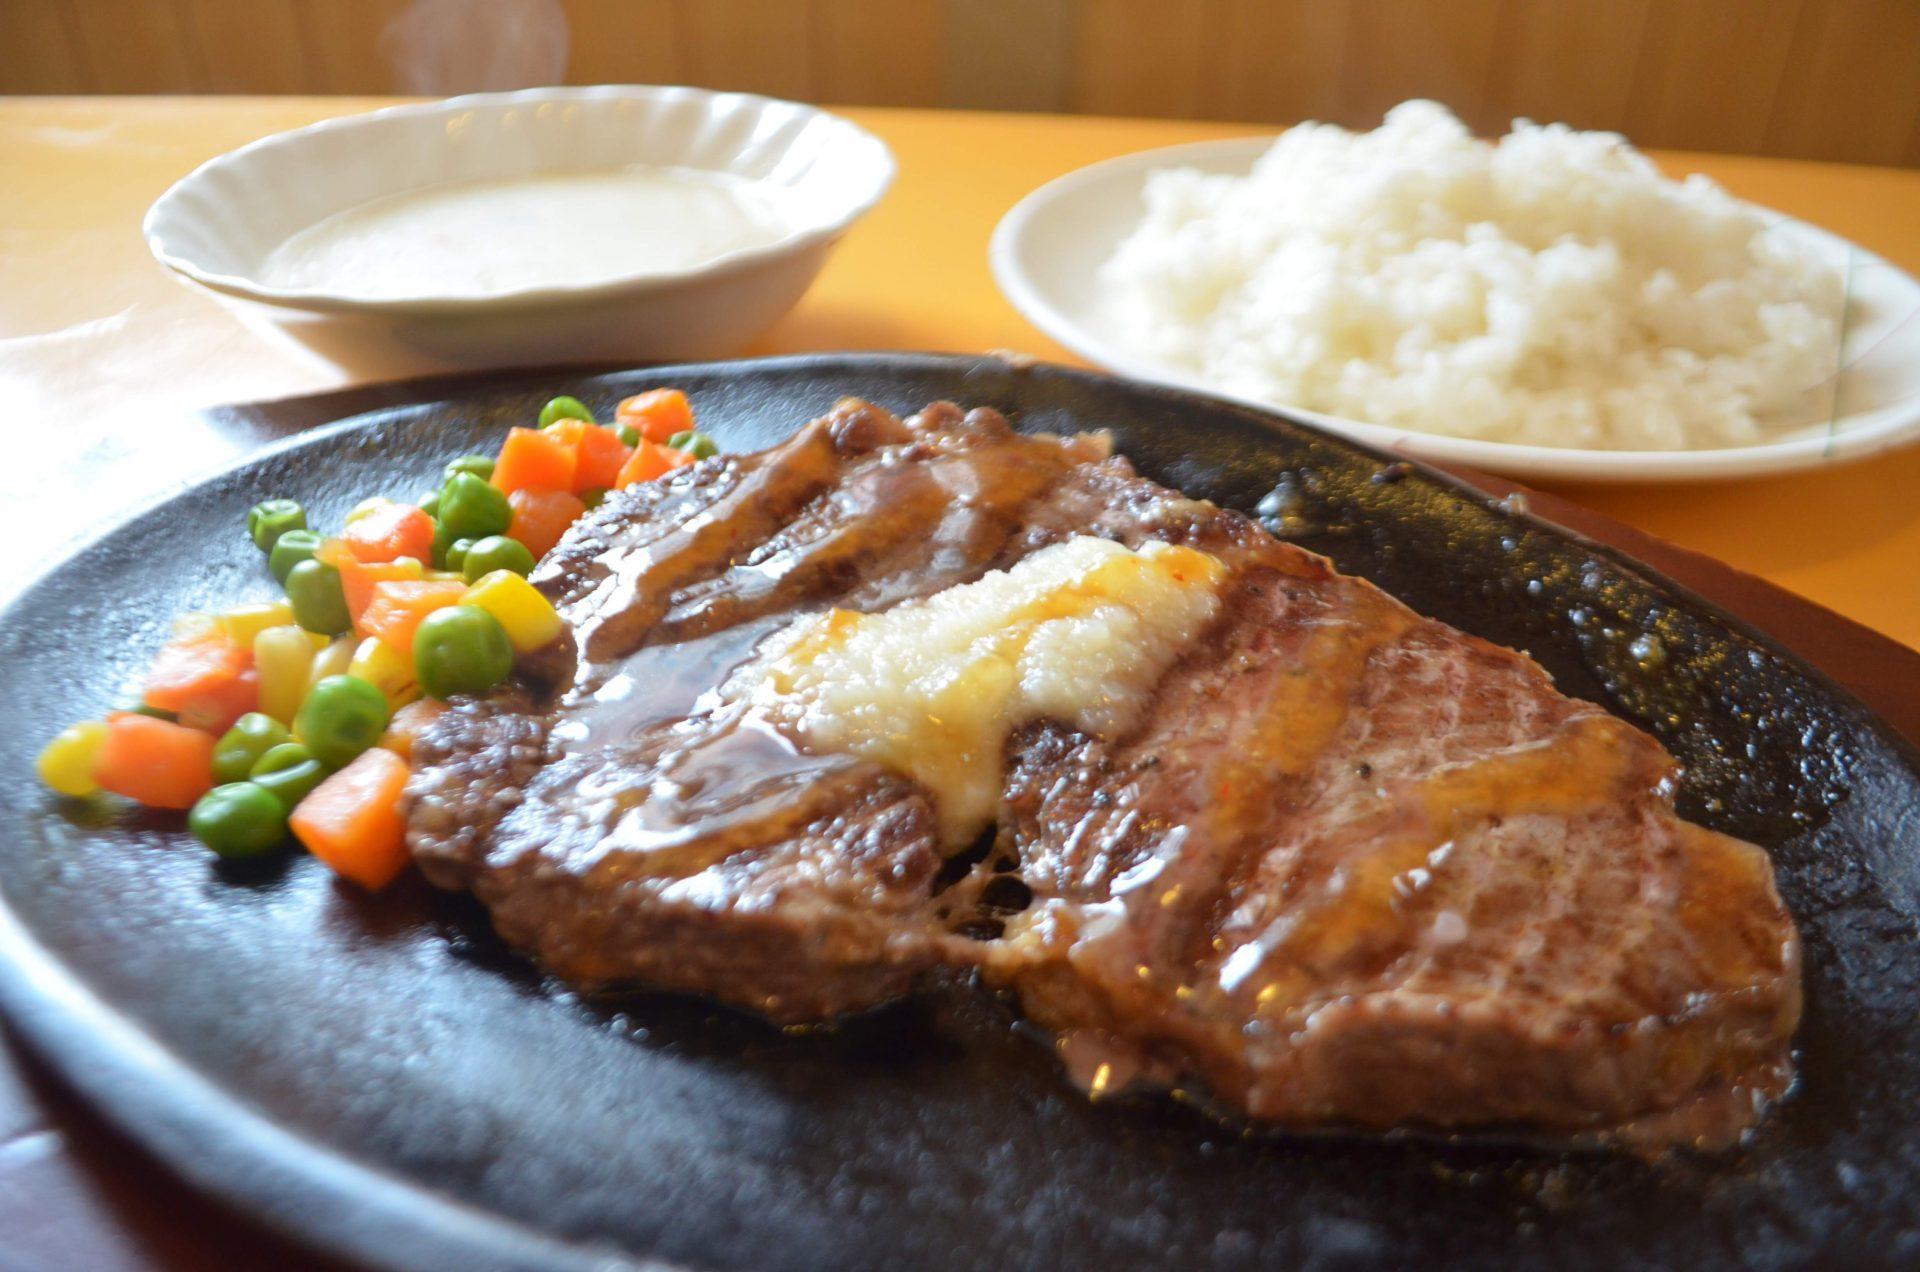 沖縄 ステーキ おすすめ レストラン海洋 名護市